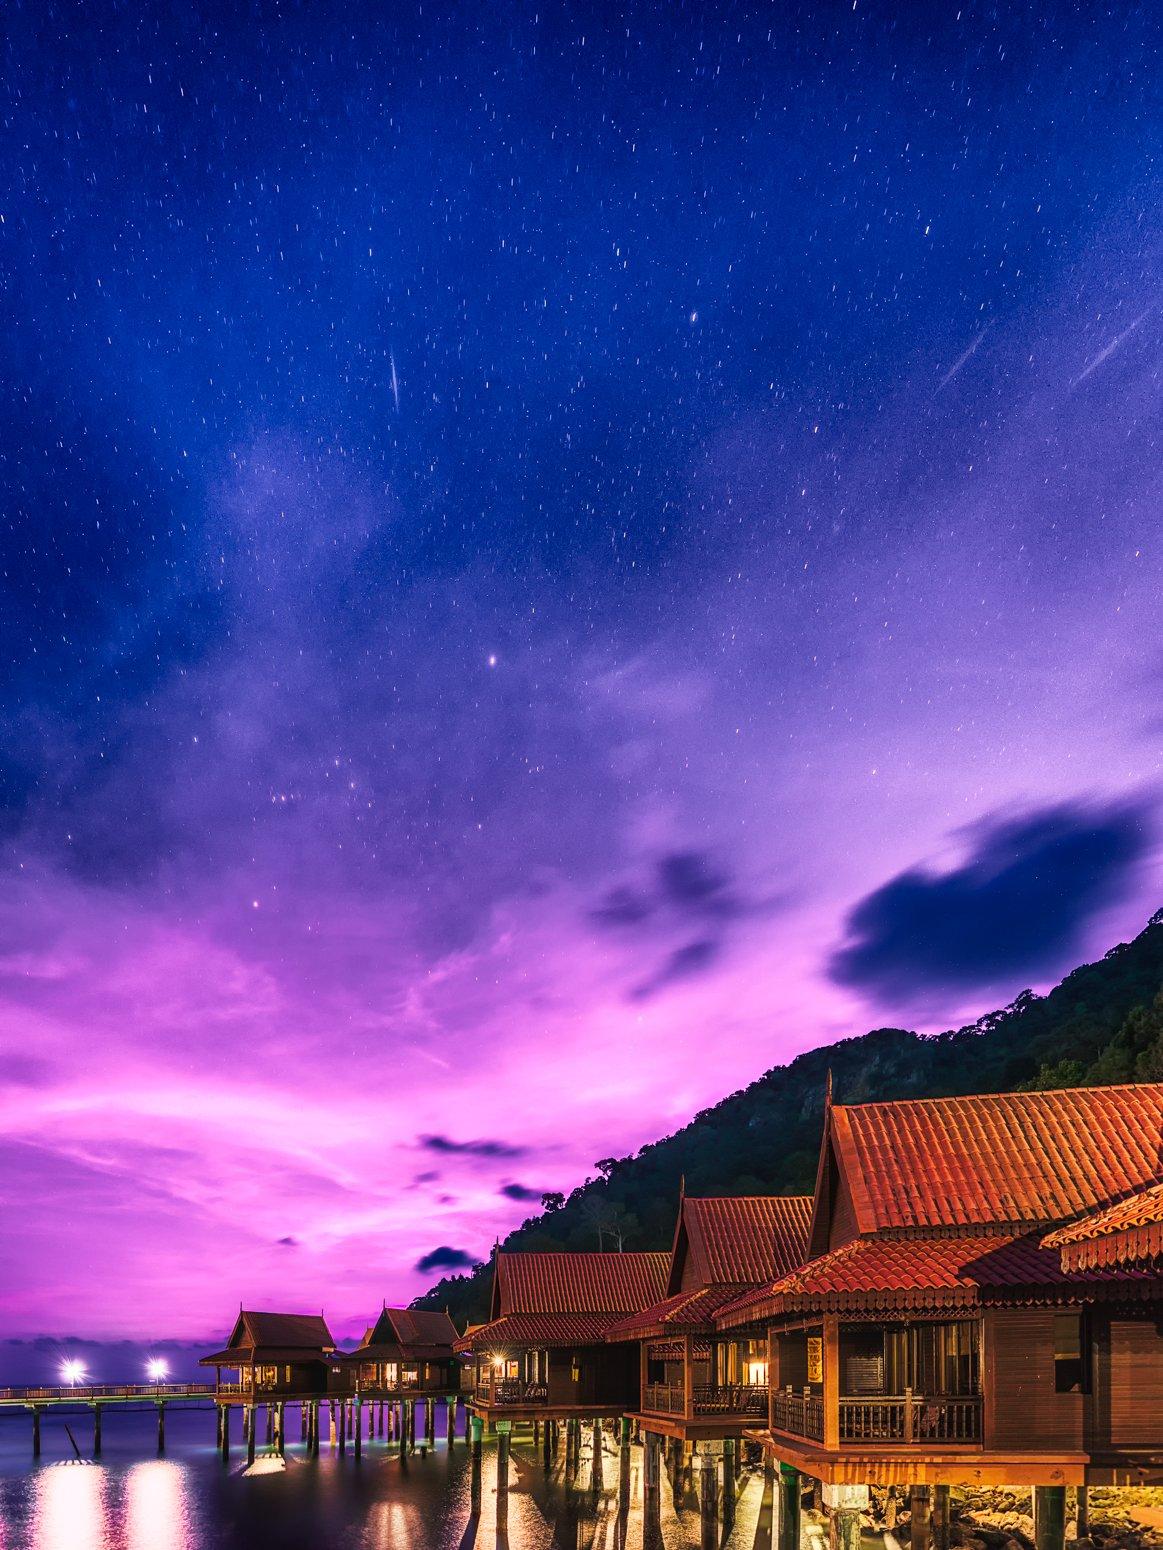 Langkawi sterren, Maleisië. Berjaya Langkawi Resort 's nachts